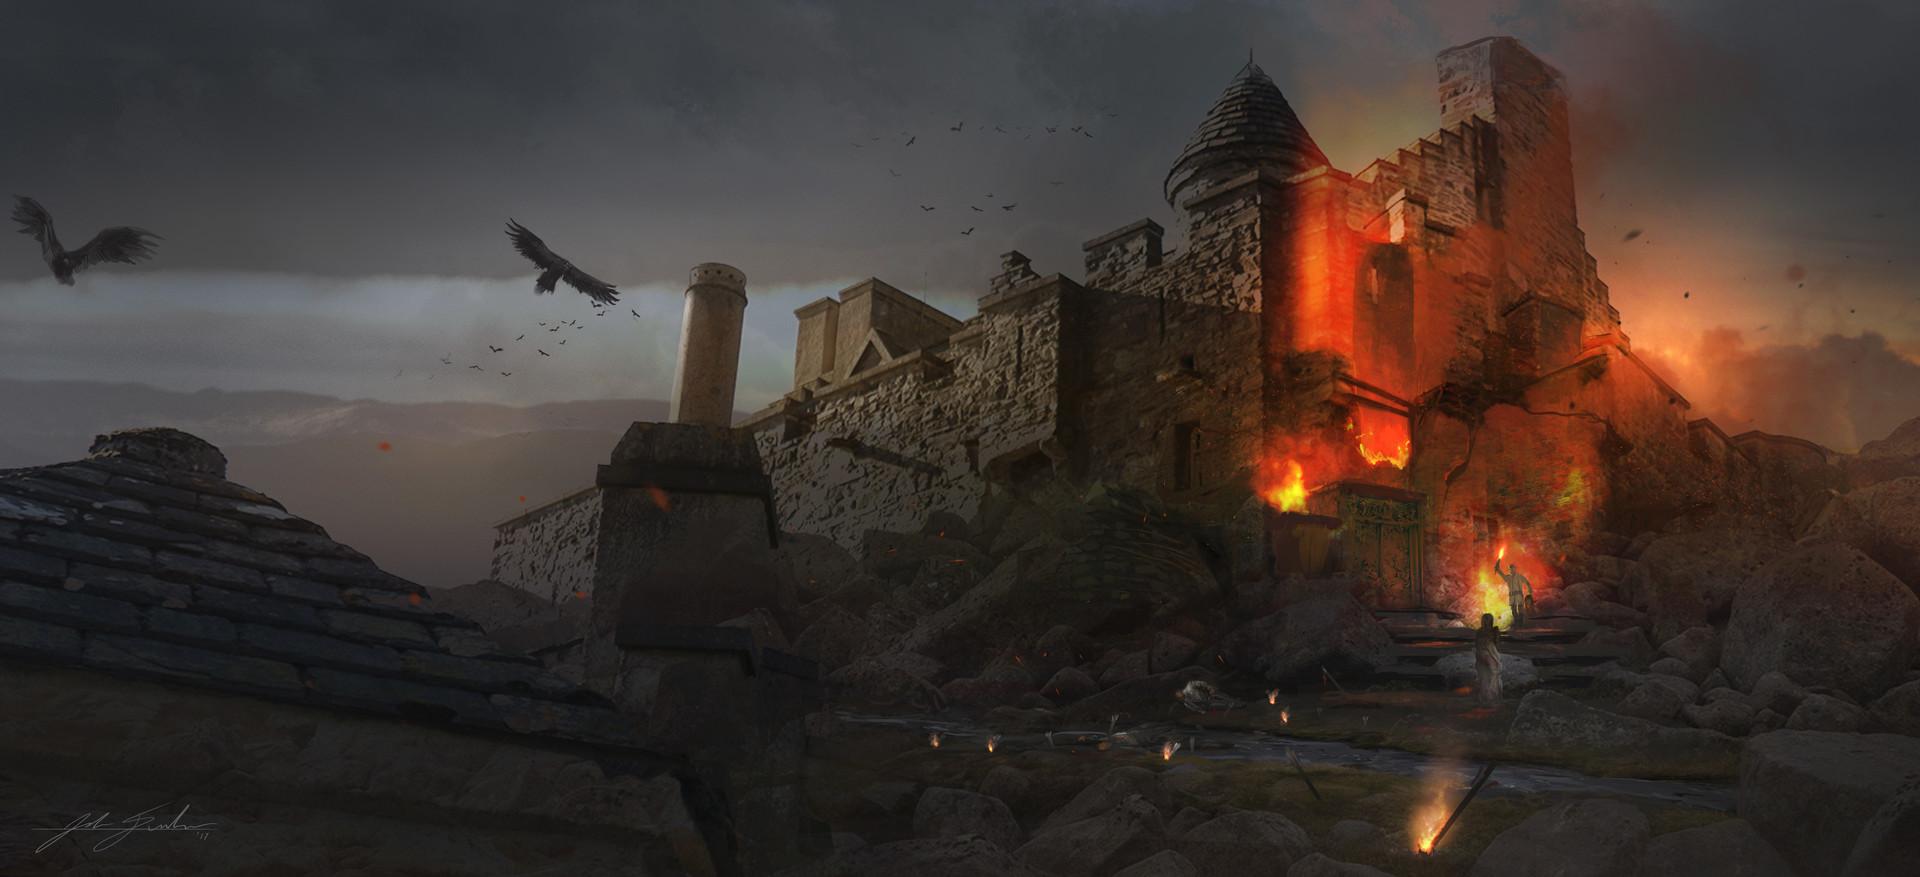 Josh durham castle under siege signed